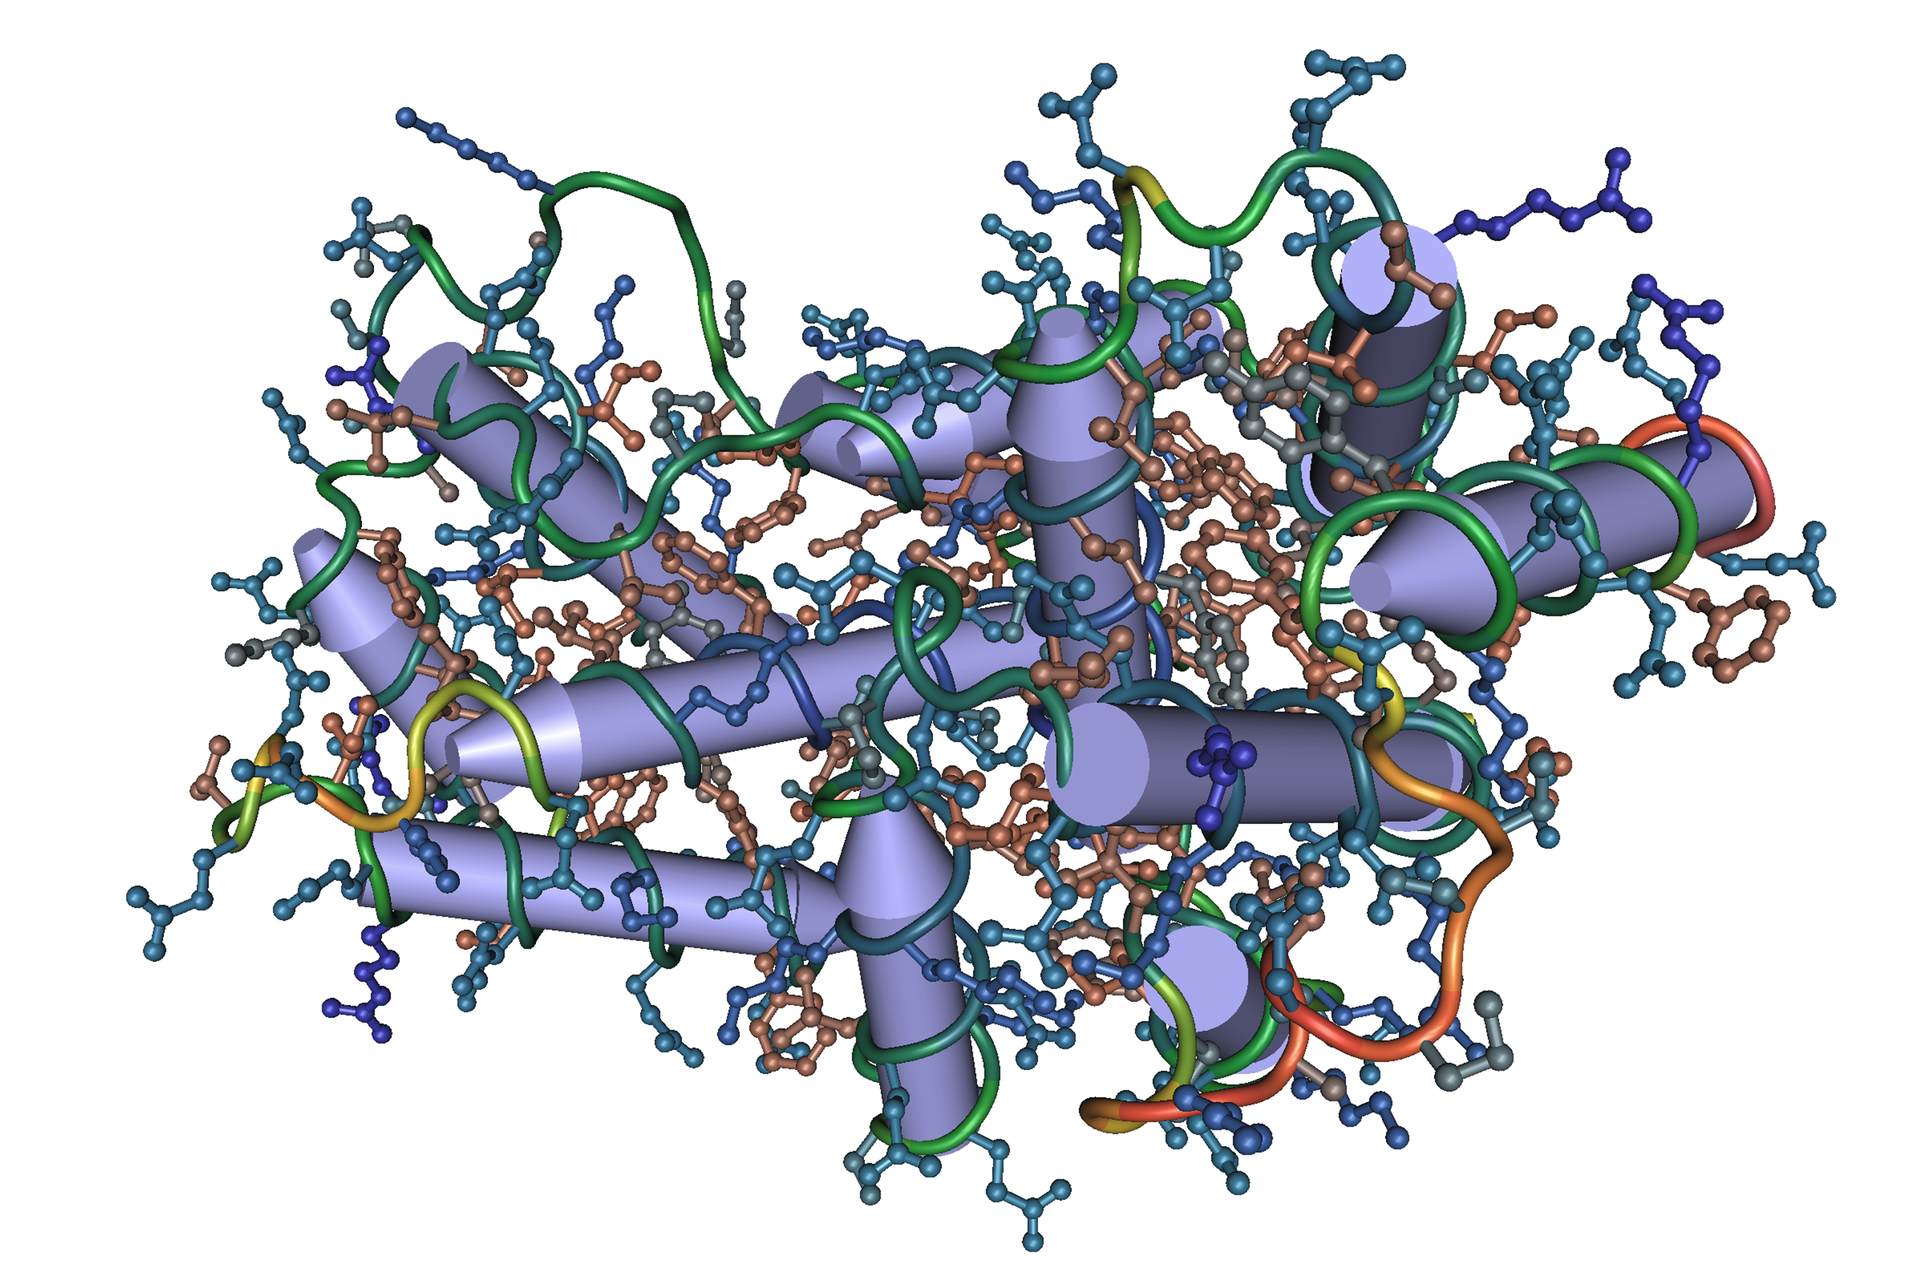 Ilustracja przedstawia fioletowe zaostrzone walce, oplecione kolorową siateczką zkulkami wwęzłach. To model przestrzenny struktury interferonu alfa.